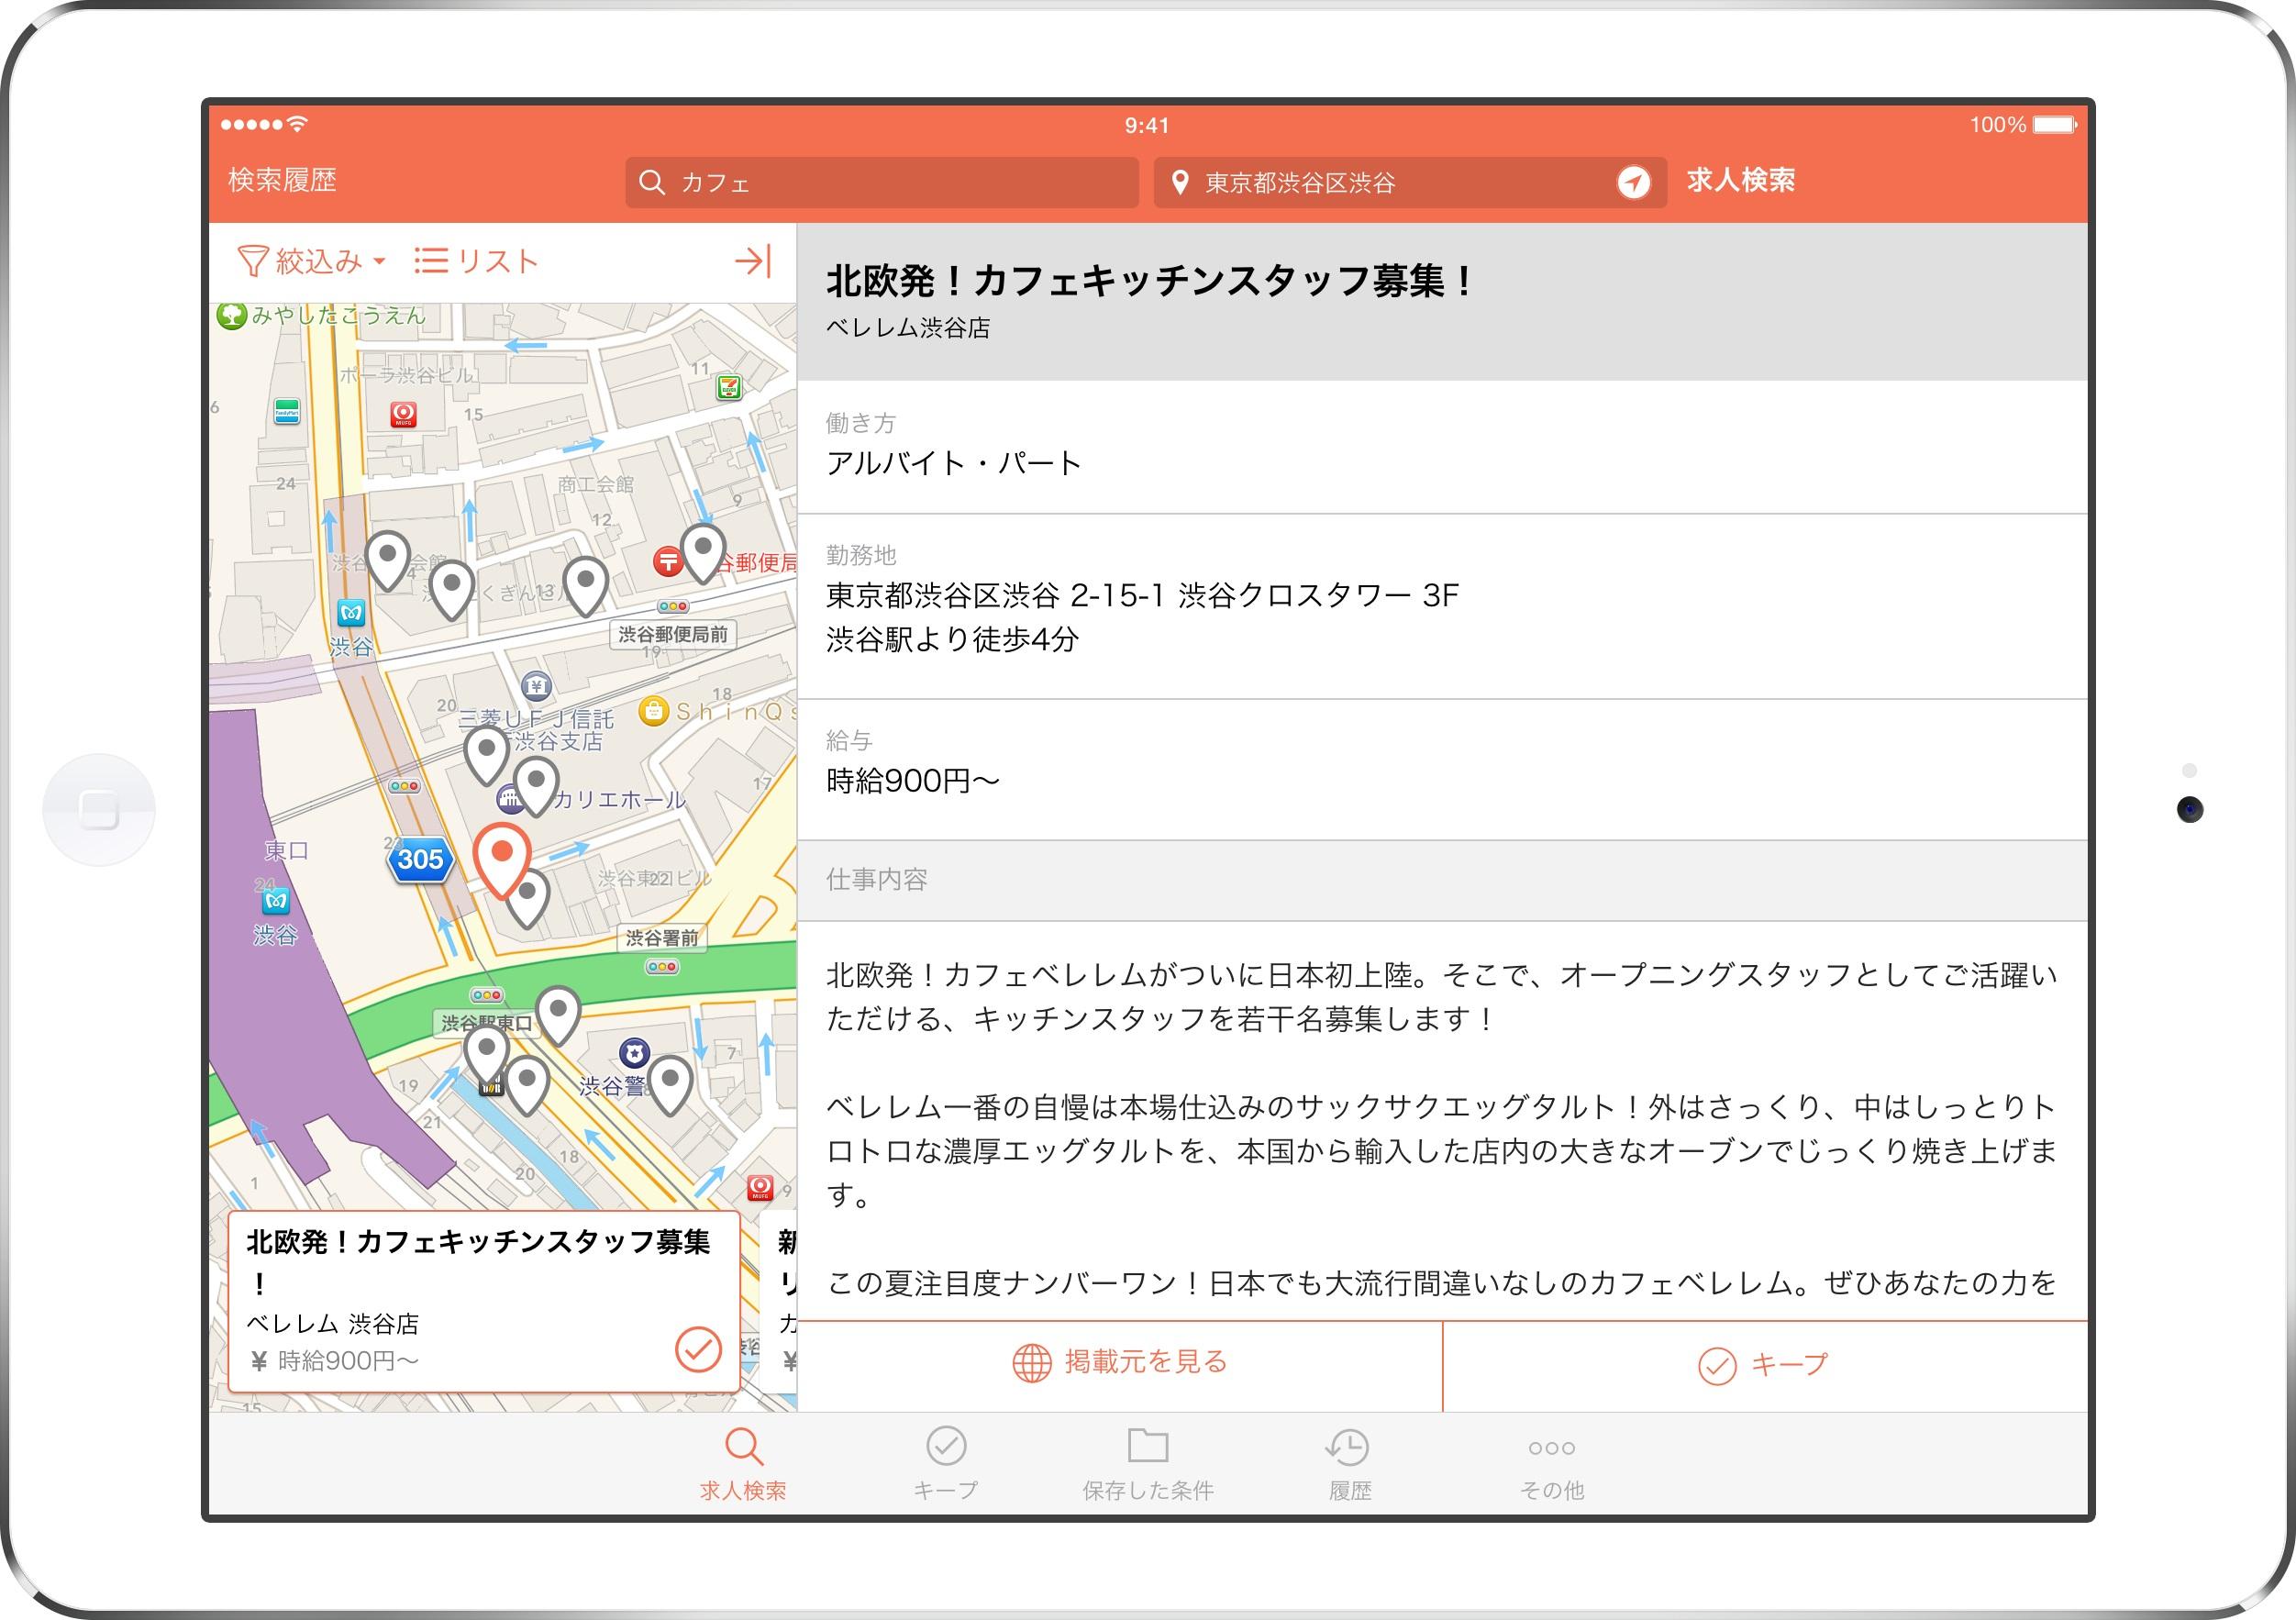 日本最大級の求人検索エンジン「スタンバイ」がiPad対応アプリをリリース